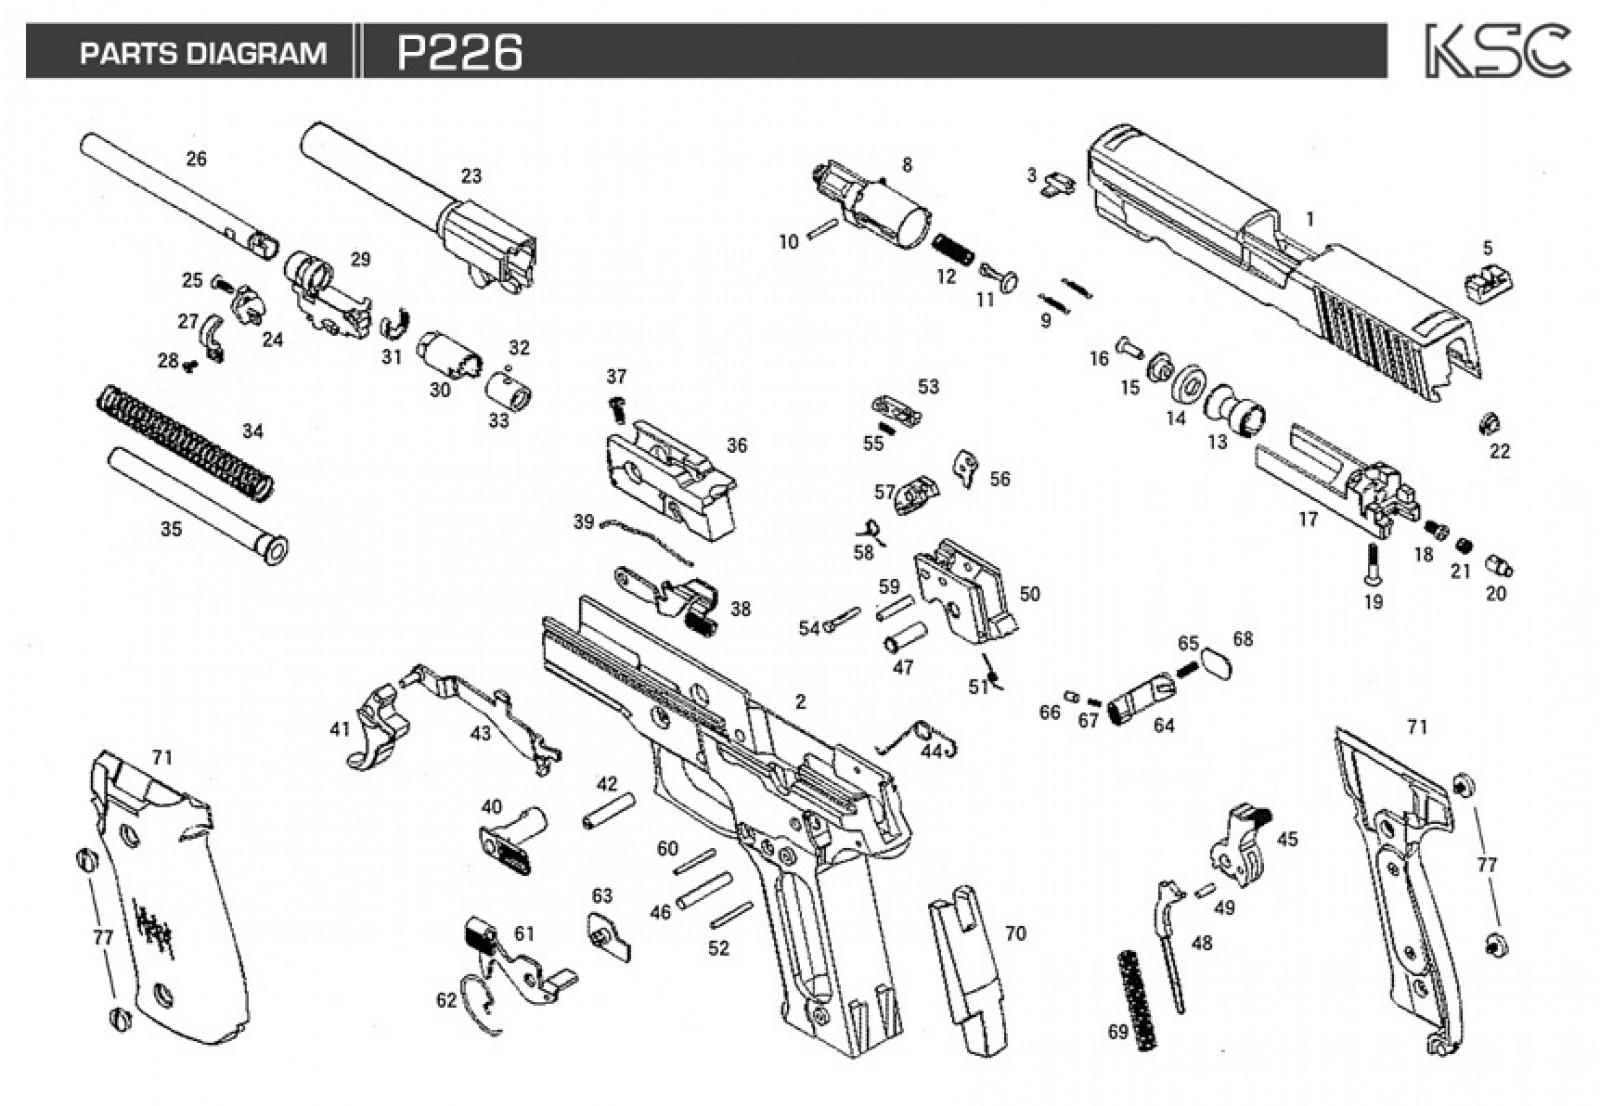 Exploded Diagram Ksc P226 Ksc Part Original Worldwide